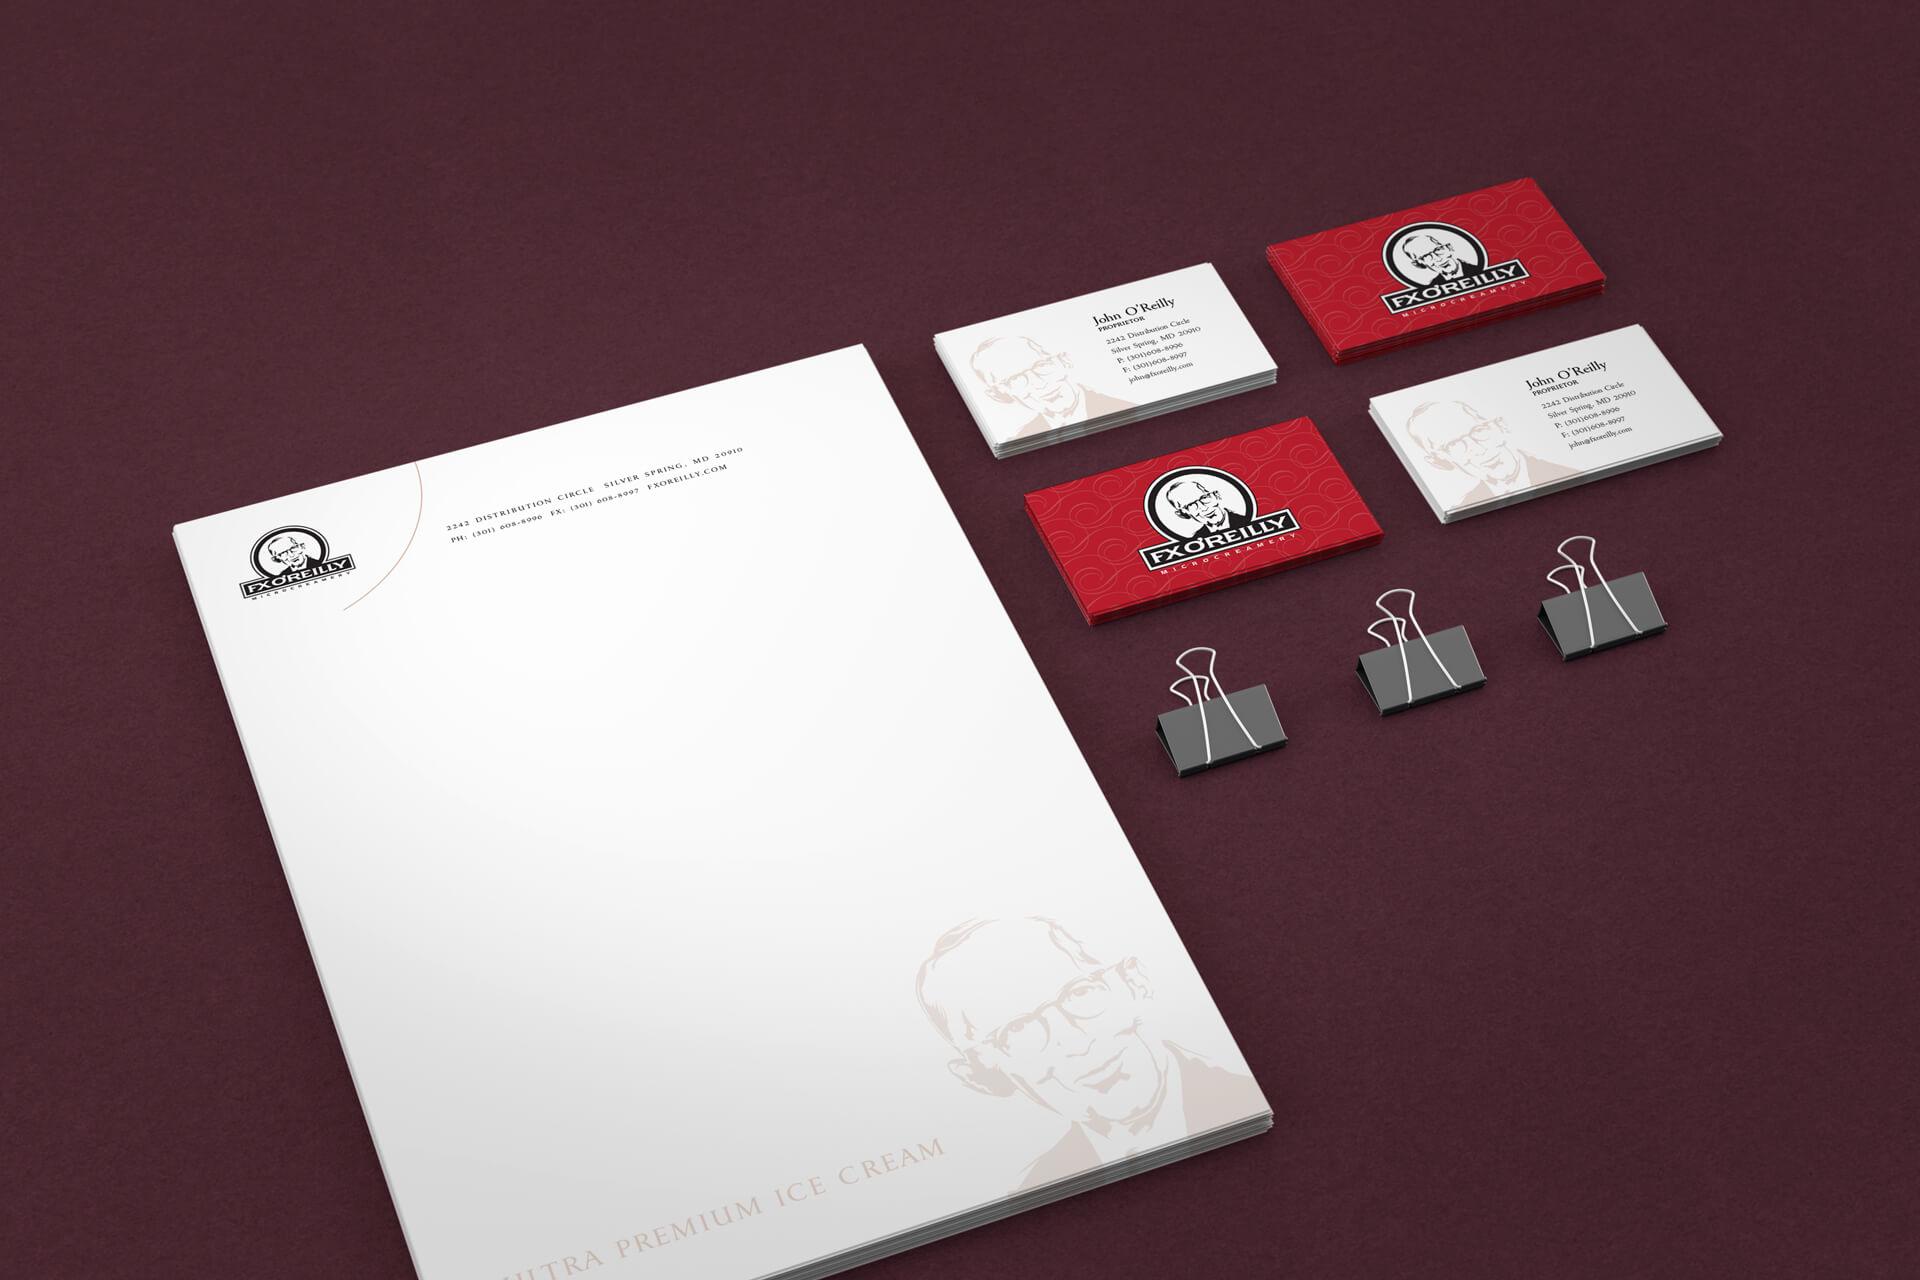 FX O'Reilly Microcreamery Stationery Design